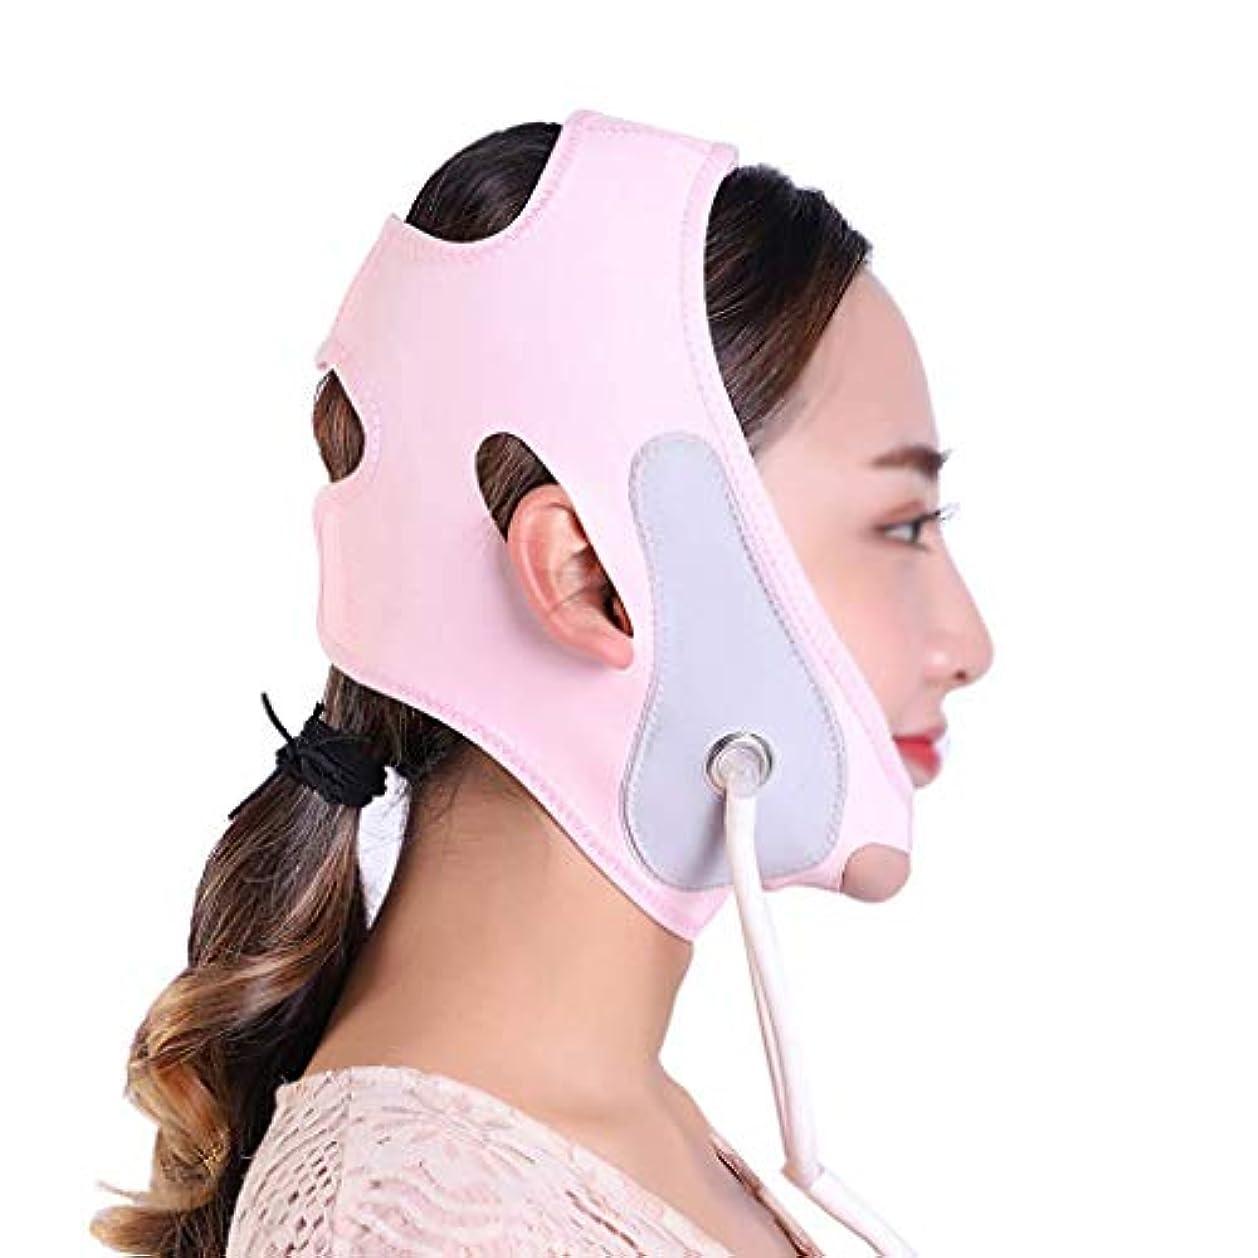 永遠に前述の舗装する顔と首のリフト後伸縮性スリーブシンフェイスマスク引き締め肌の改善マッサージリフティング収縮シンフェイス弾性包帯Vフェイスアーティファクト